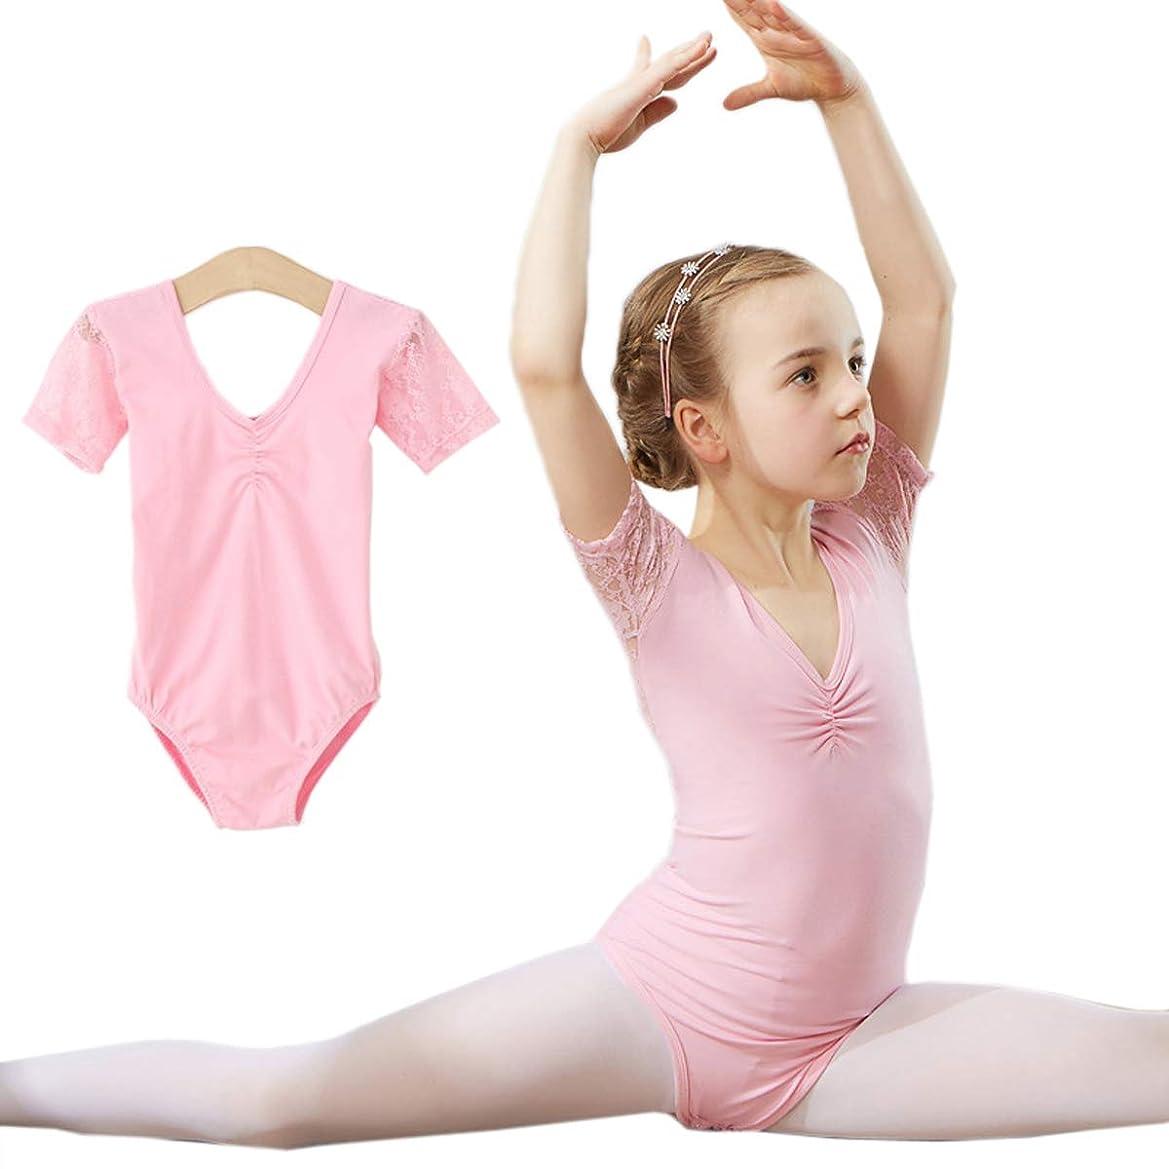 と組むジャンル周りバレエ レオタード キッズ バレエ練習服 女の子 練習着 レッスン着 発表会 スカートなしタイプ 綿 レース cf1002